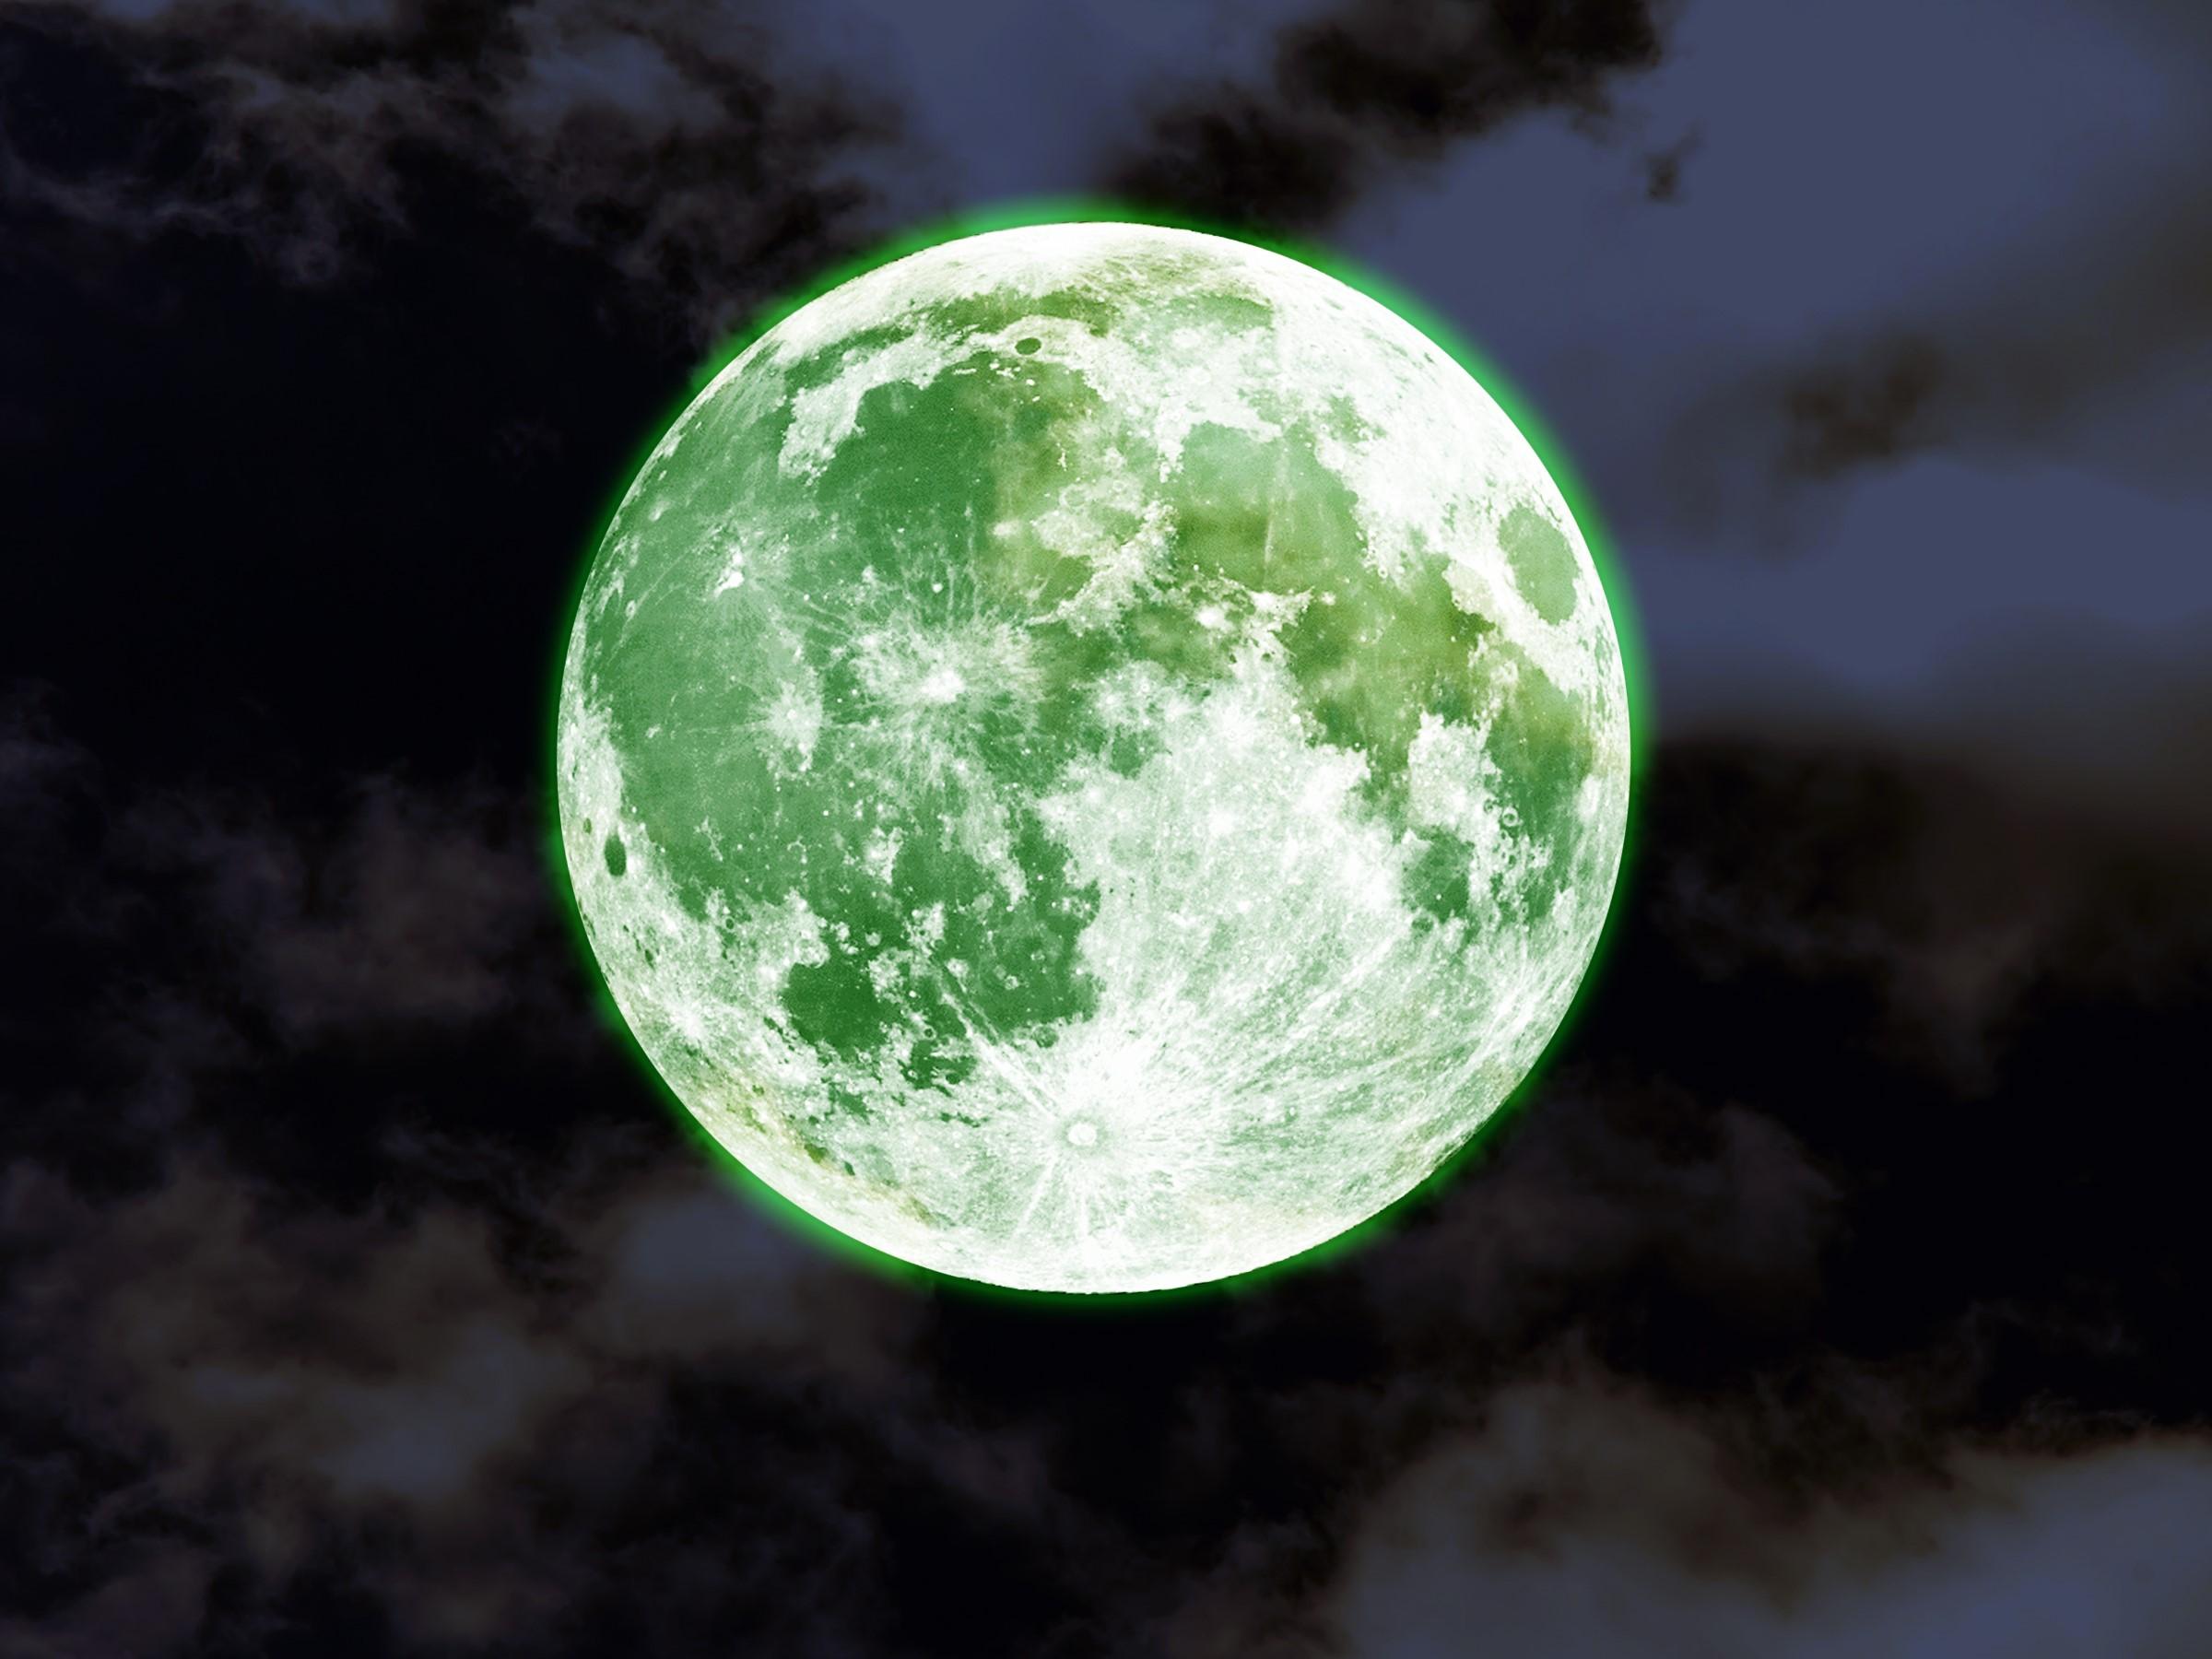 La luna se volverá verde.